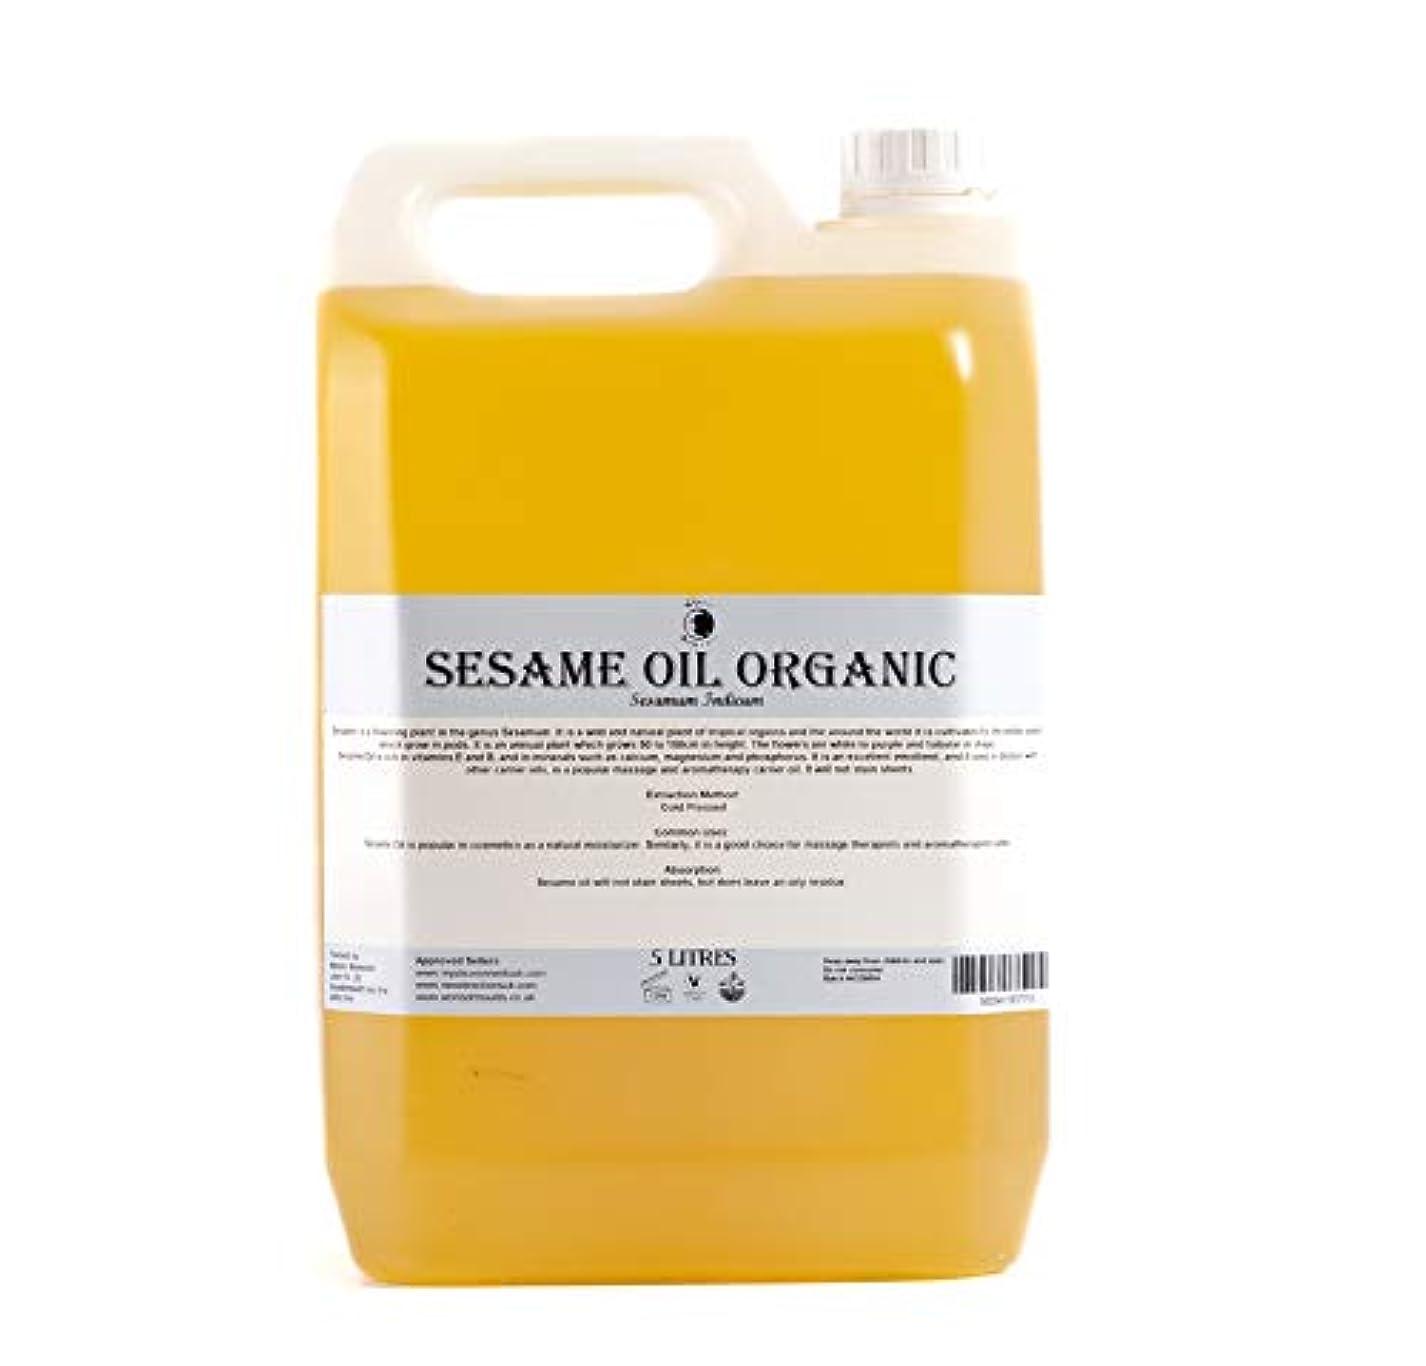 広告主家主発表Mystic Moments | Sesame Organic Carrier Oil - 5 Litres - 100% Pure